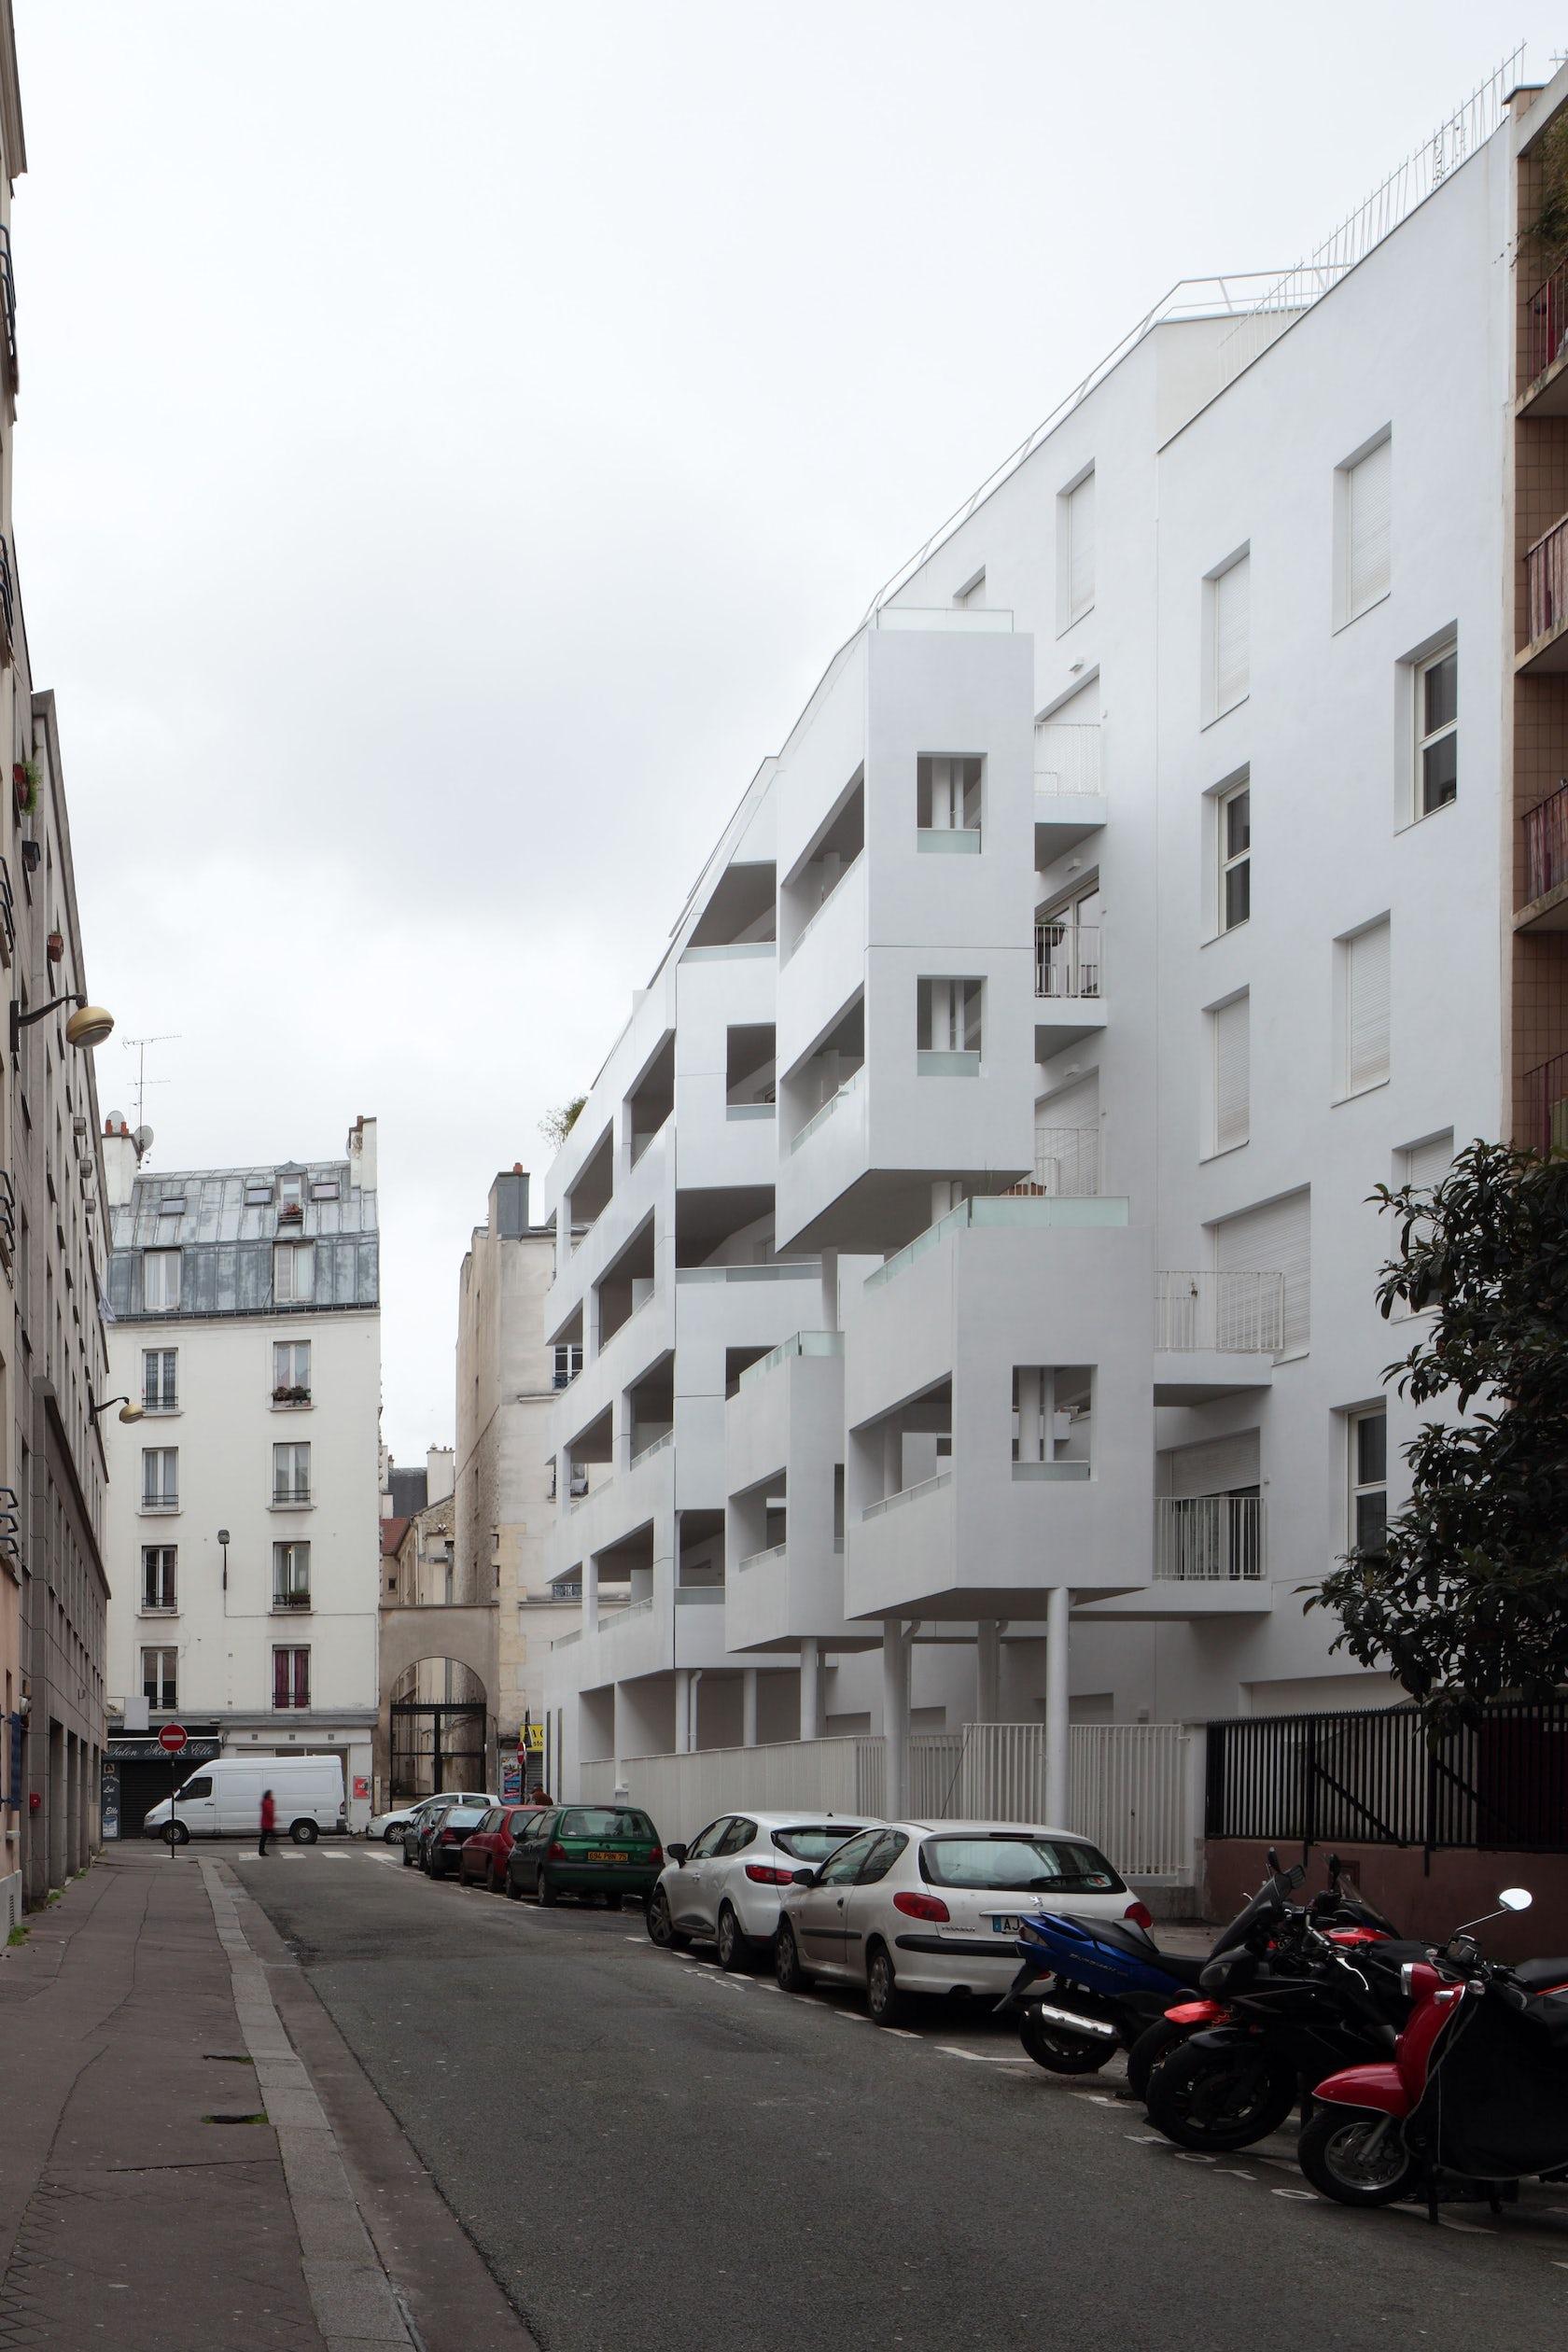 Rue de meaux architizer for Garage rue de meaux vaujours